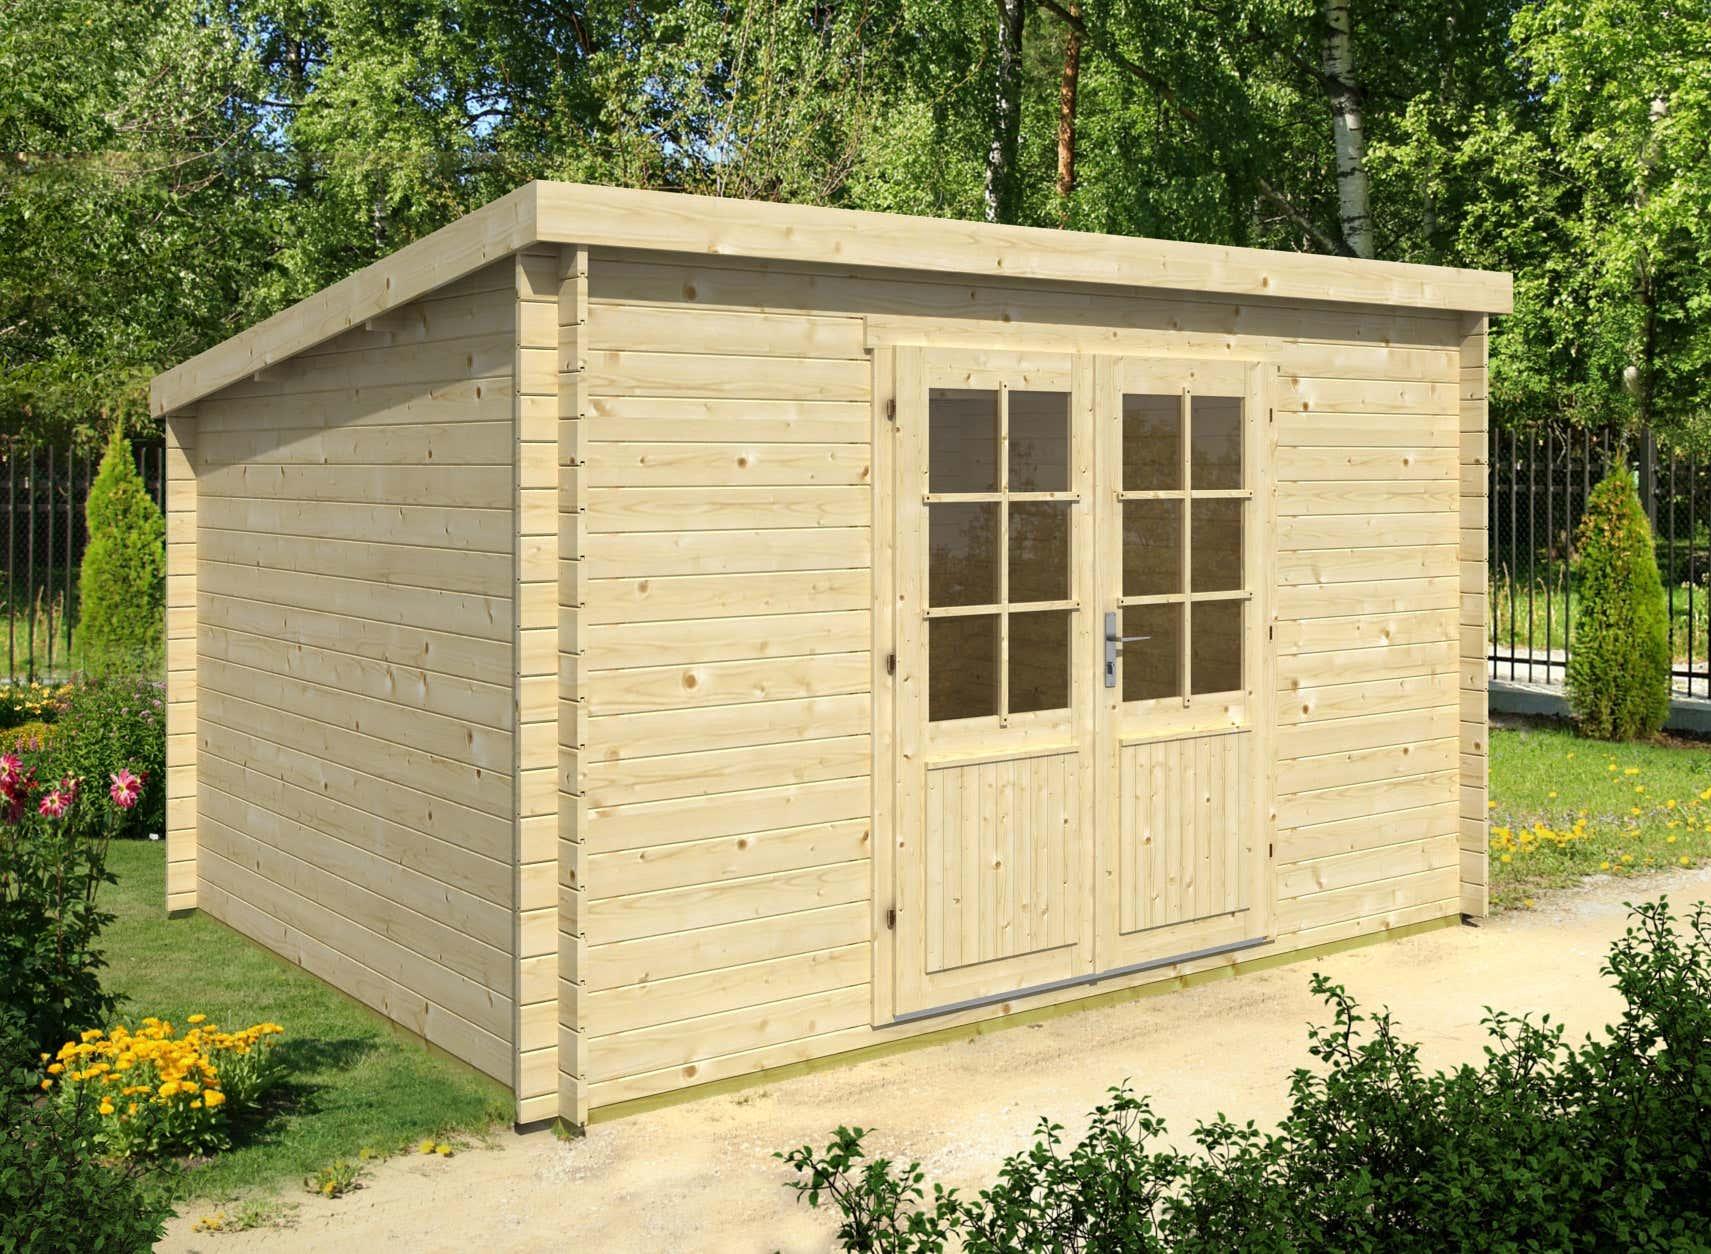 gartenhaus mit flachdach g nstig kaufen 0 versandkosten. Black Bedroom Furniture Sets. Home Design Ideas